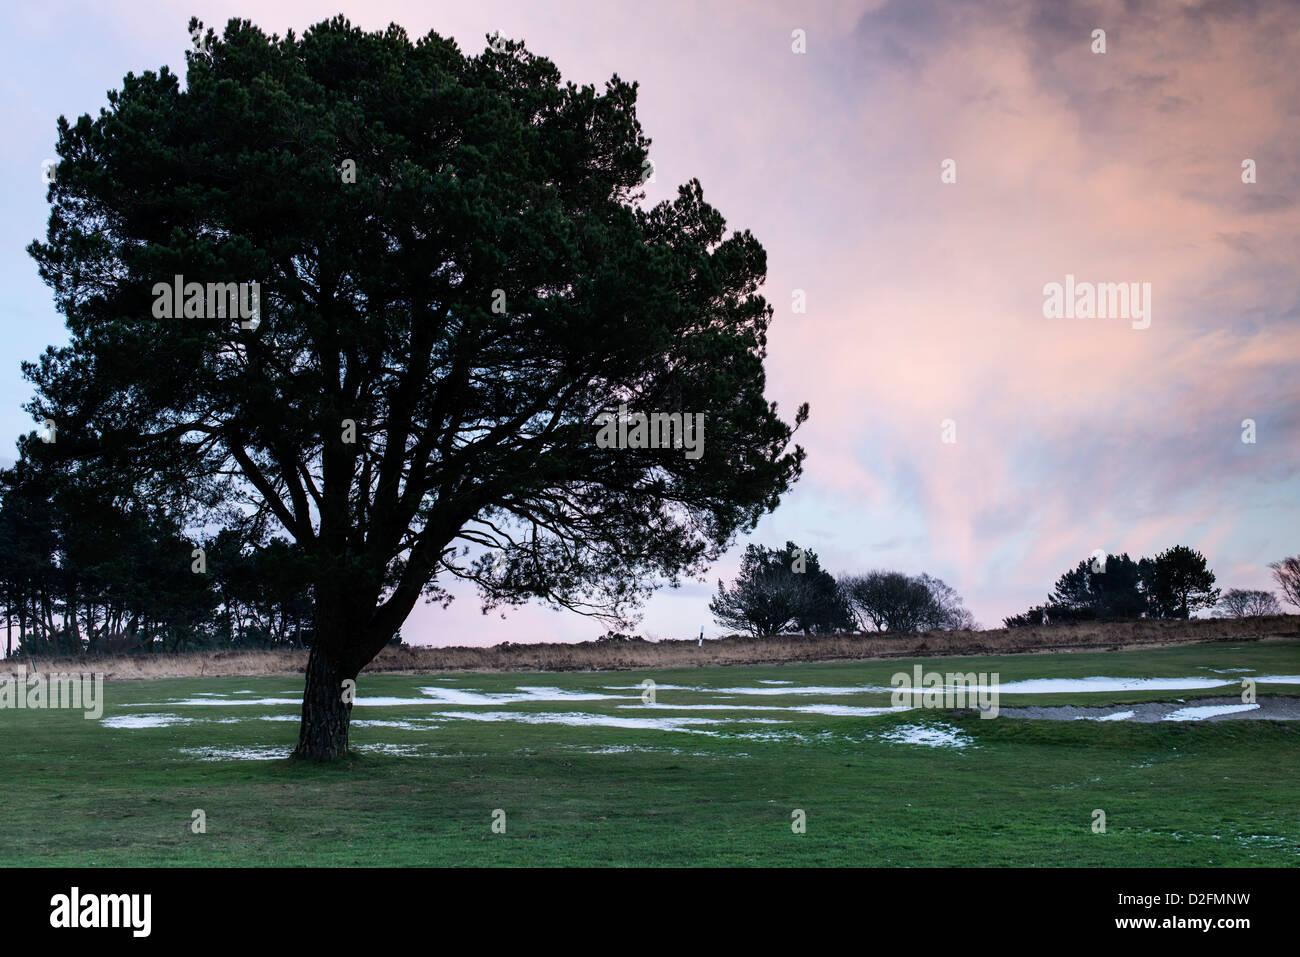 Teignmouth, Devon, Angleterre. Le 21 janvier 2013. Un arbre isolé sur un terrain de golf au milieu de l'hiver Photo Stock